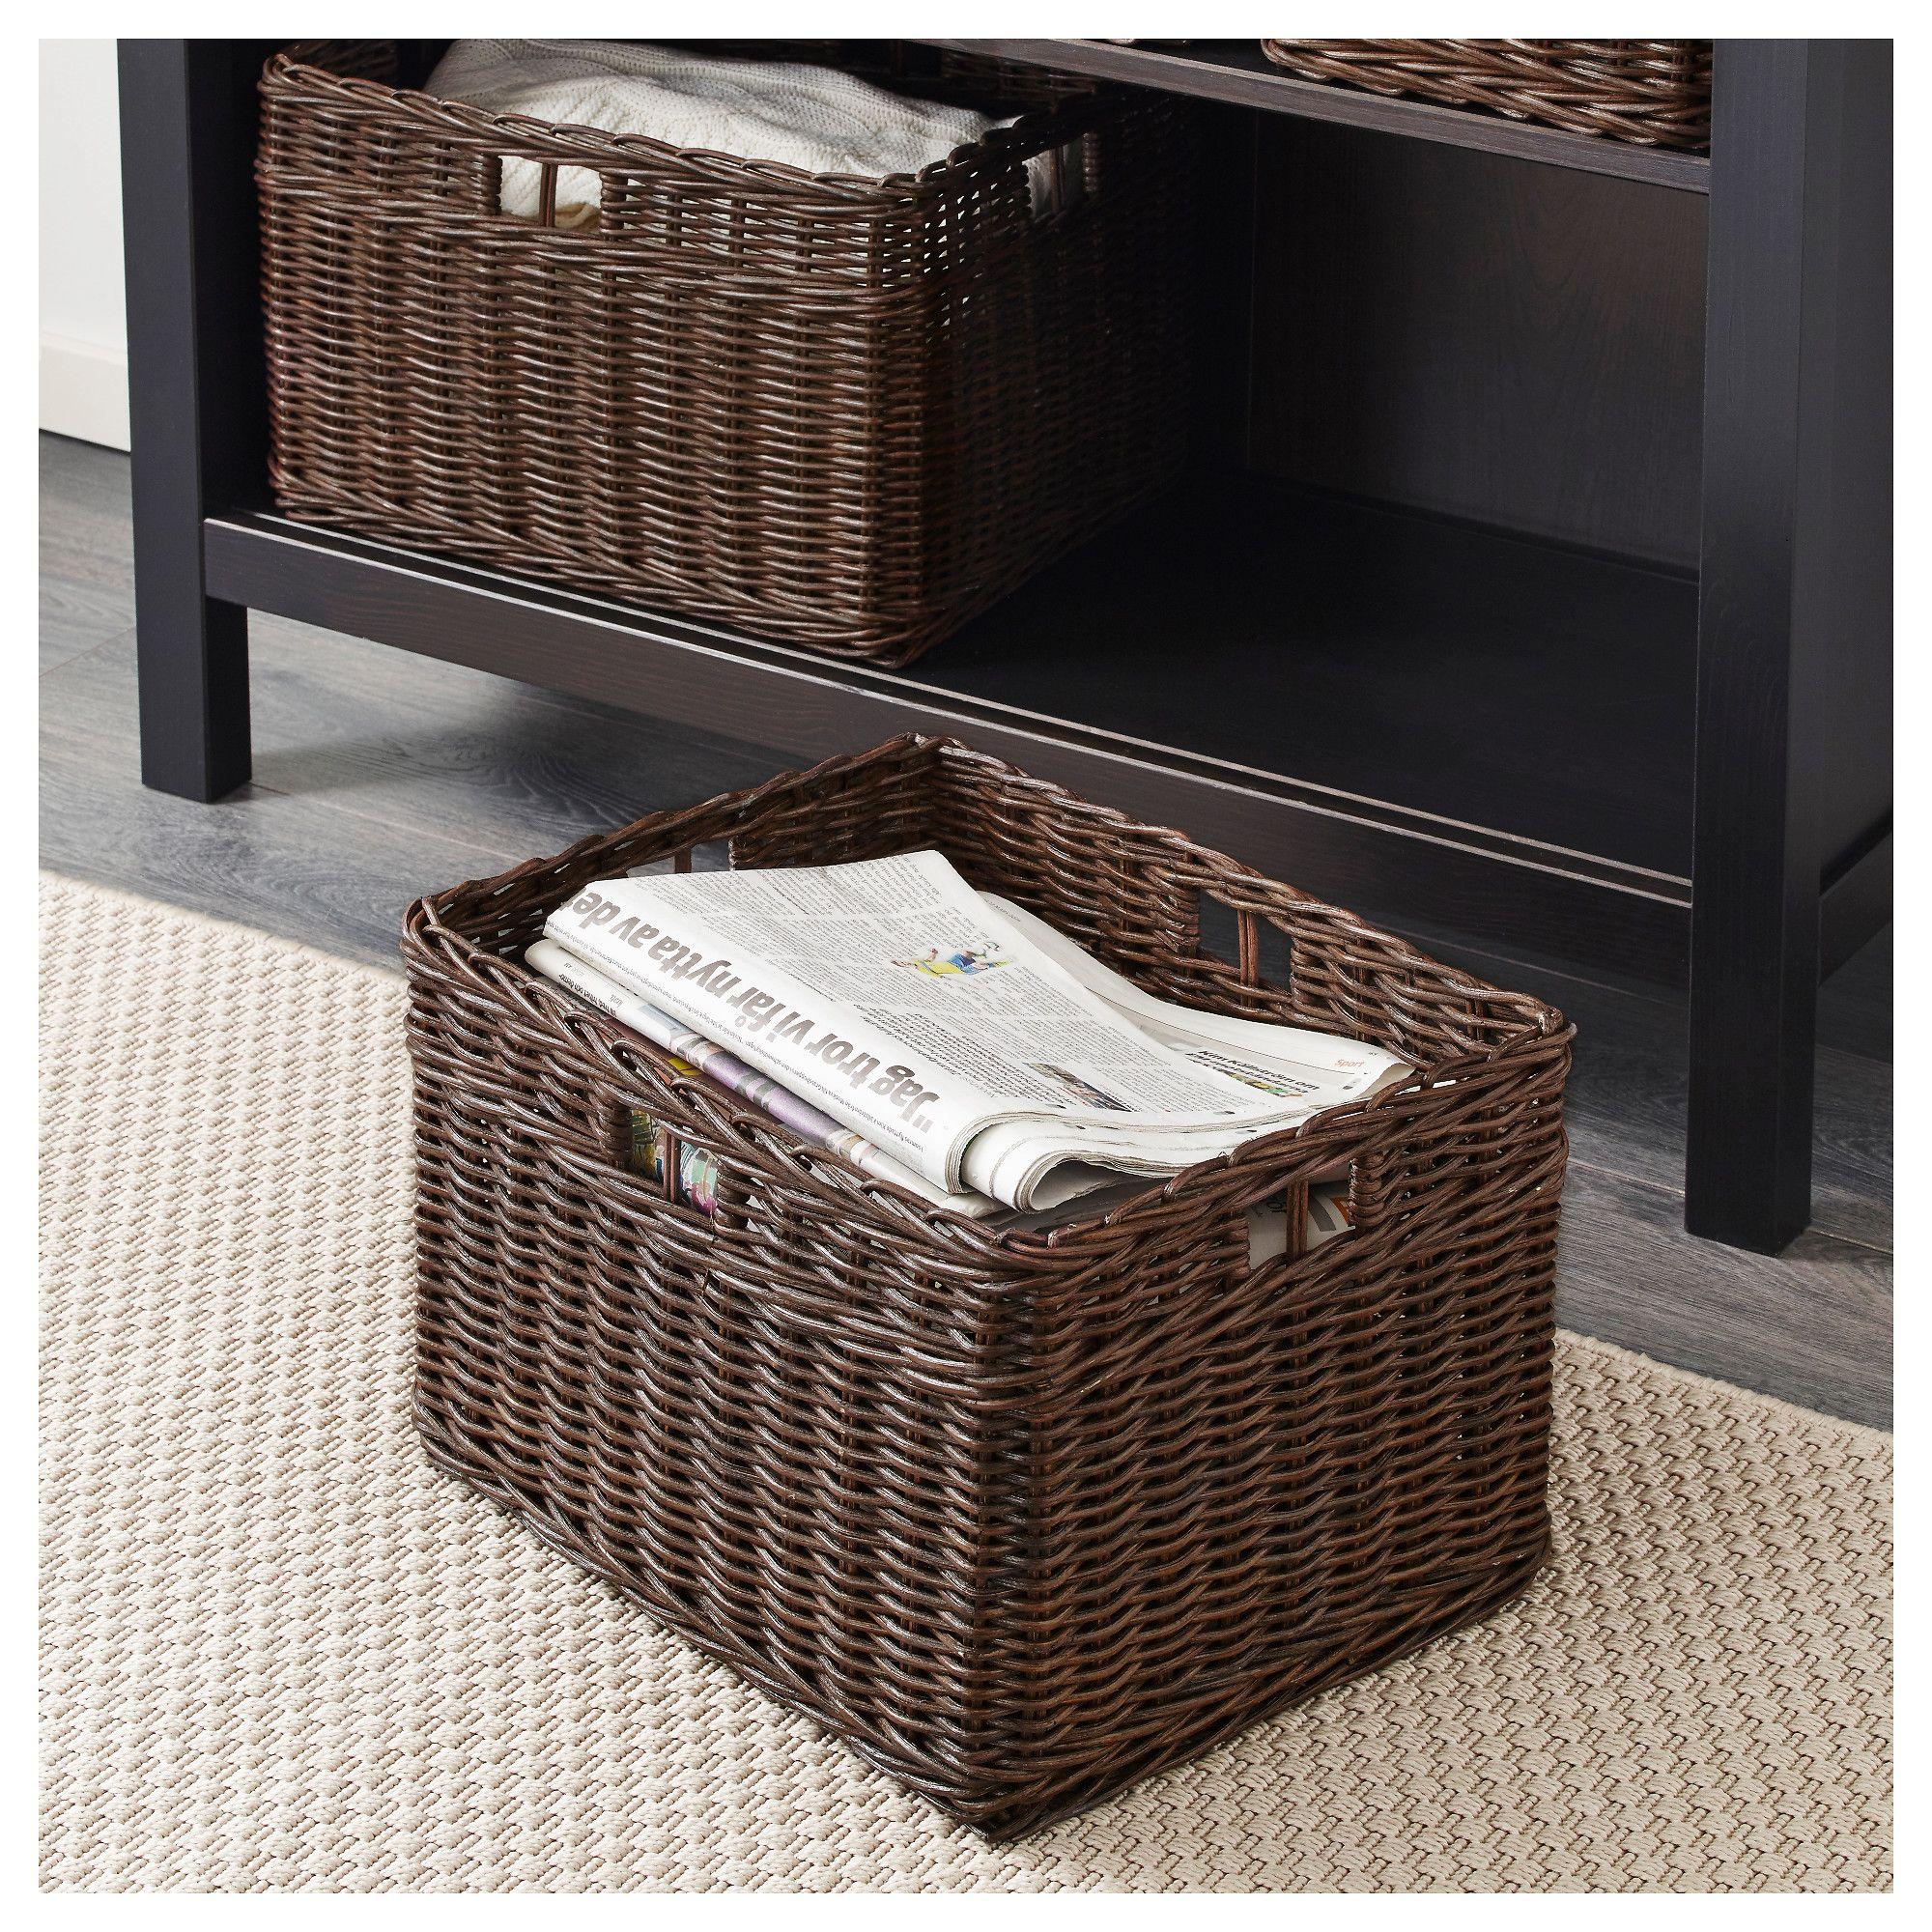 Gabbig Dark Brown Basket Width 29 Cm Ikea Ikea Wicker Baskets Storage Brown Baskets